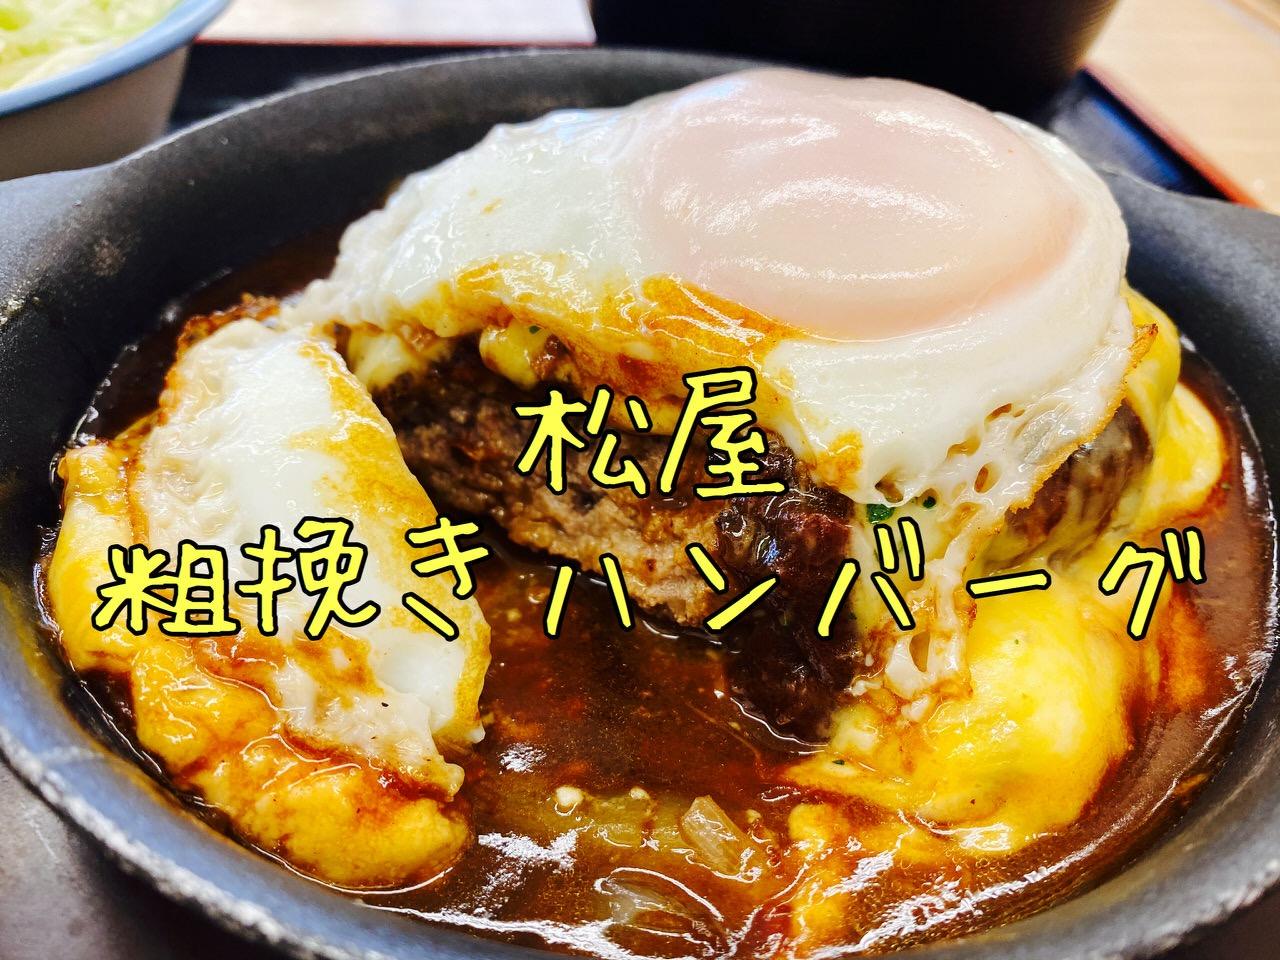 【松屋】超粗挽き「ビーフハンバーグステーキ定食」食べてみた → 200gでたっぷり肉堪能